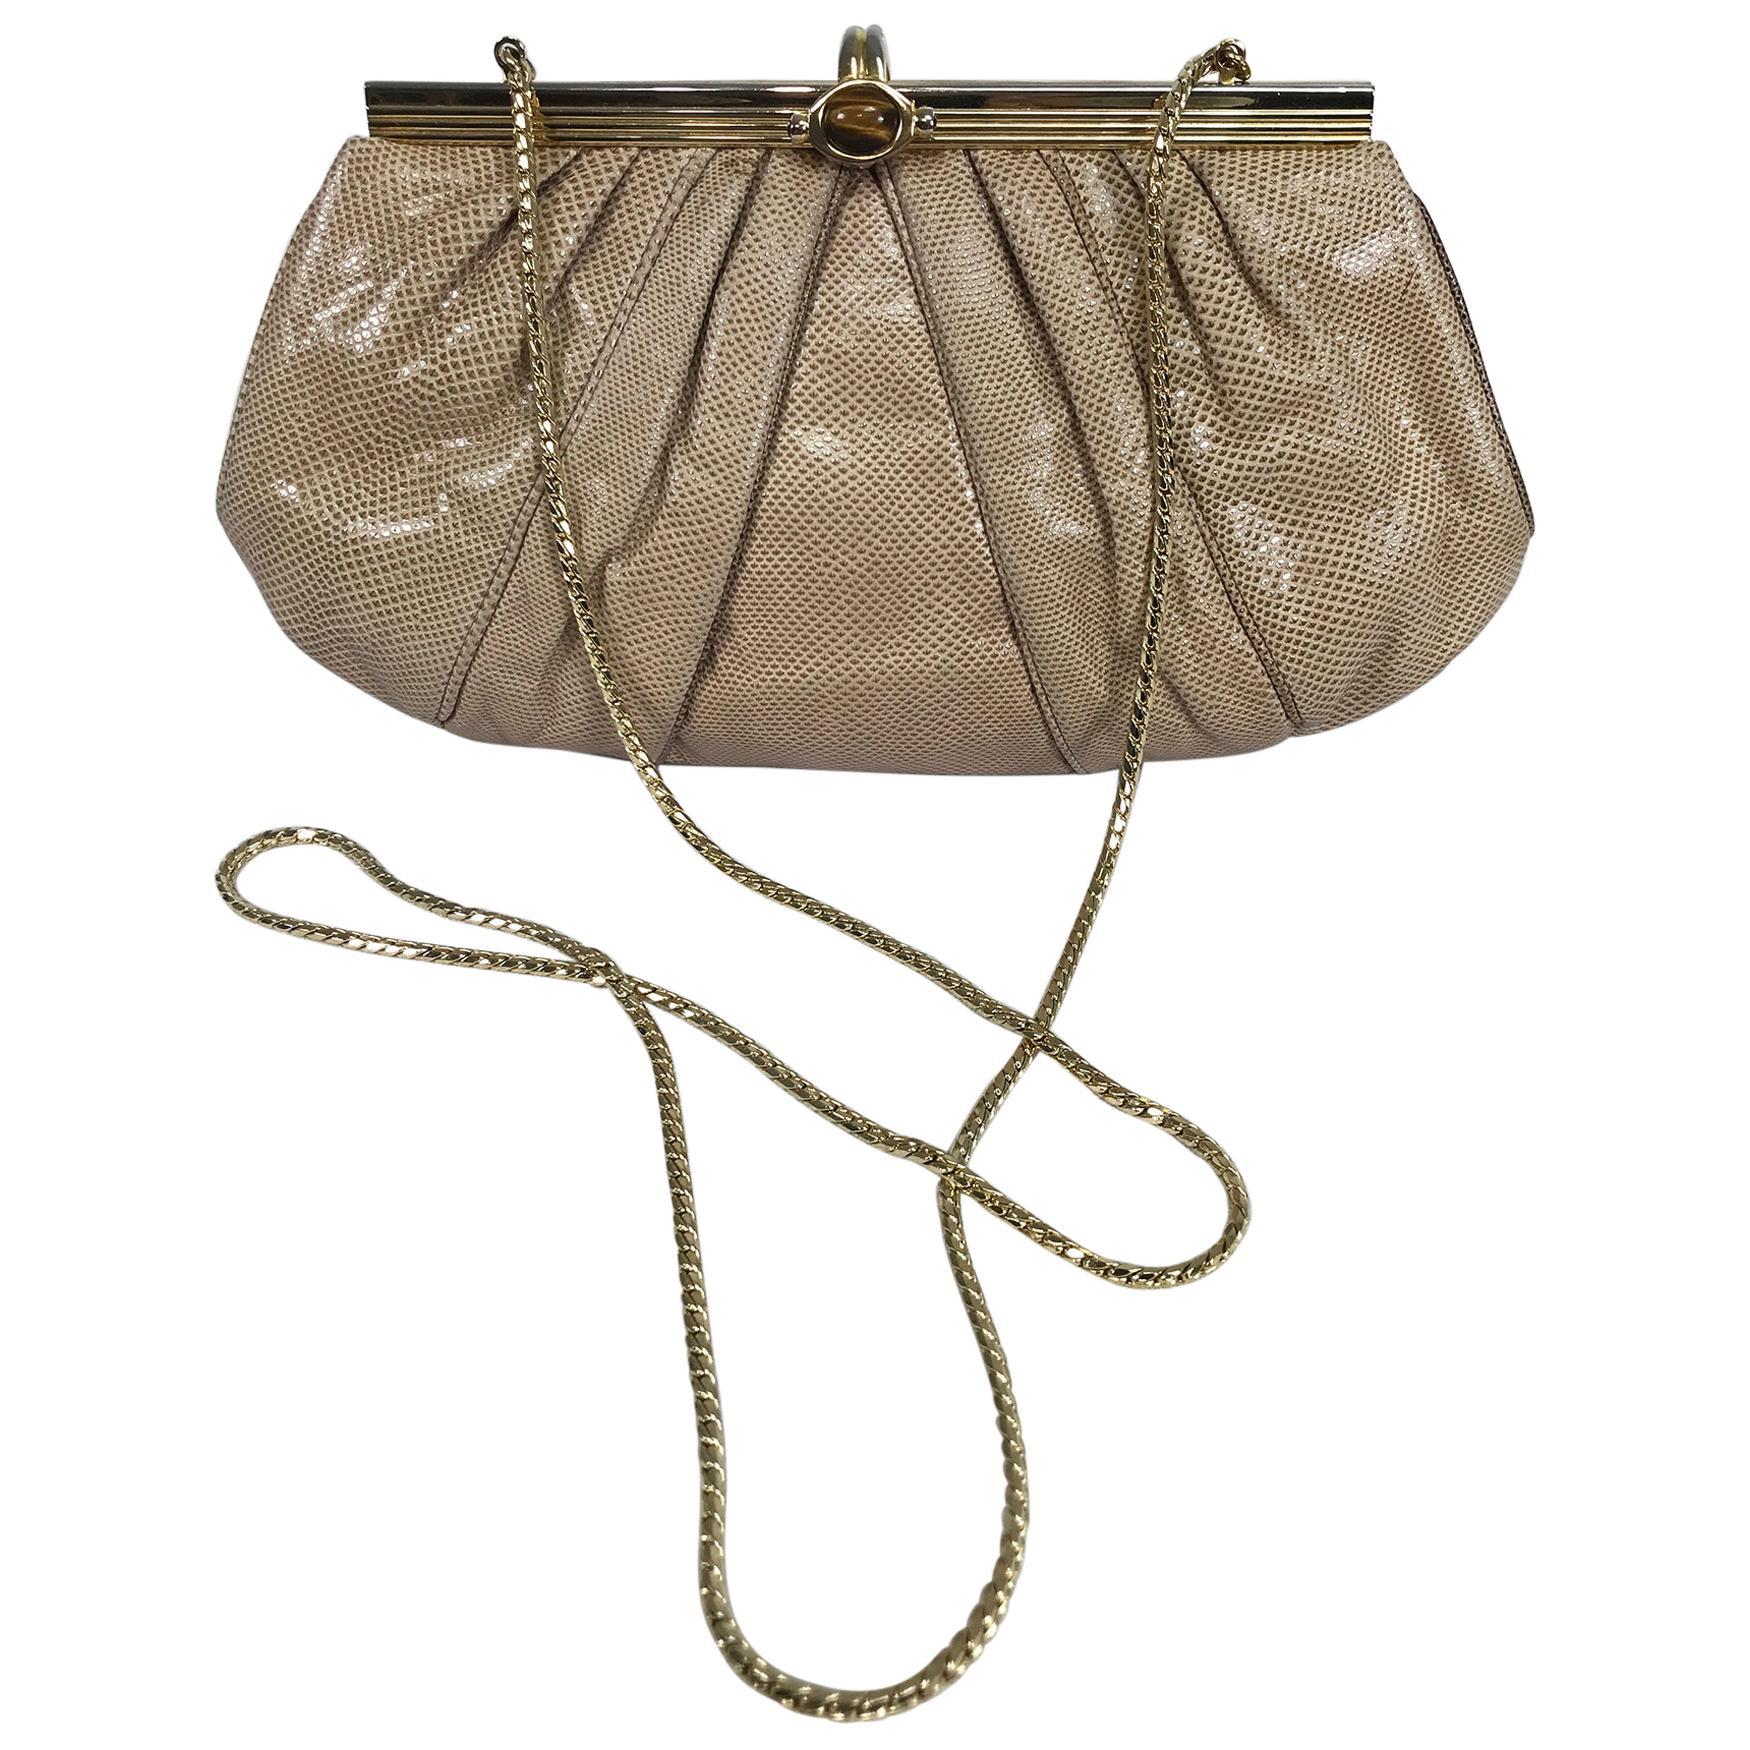 Judith Leiber Gold Frame Tiger Eye Lizard Clutch Shoulder Bag 1980s